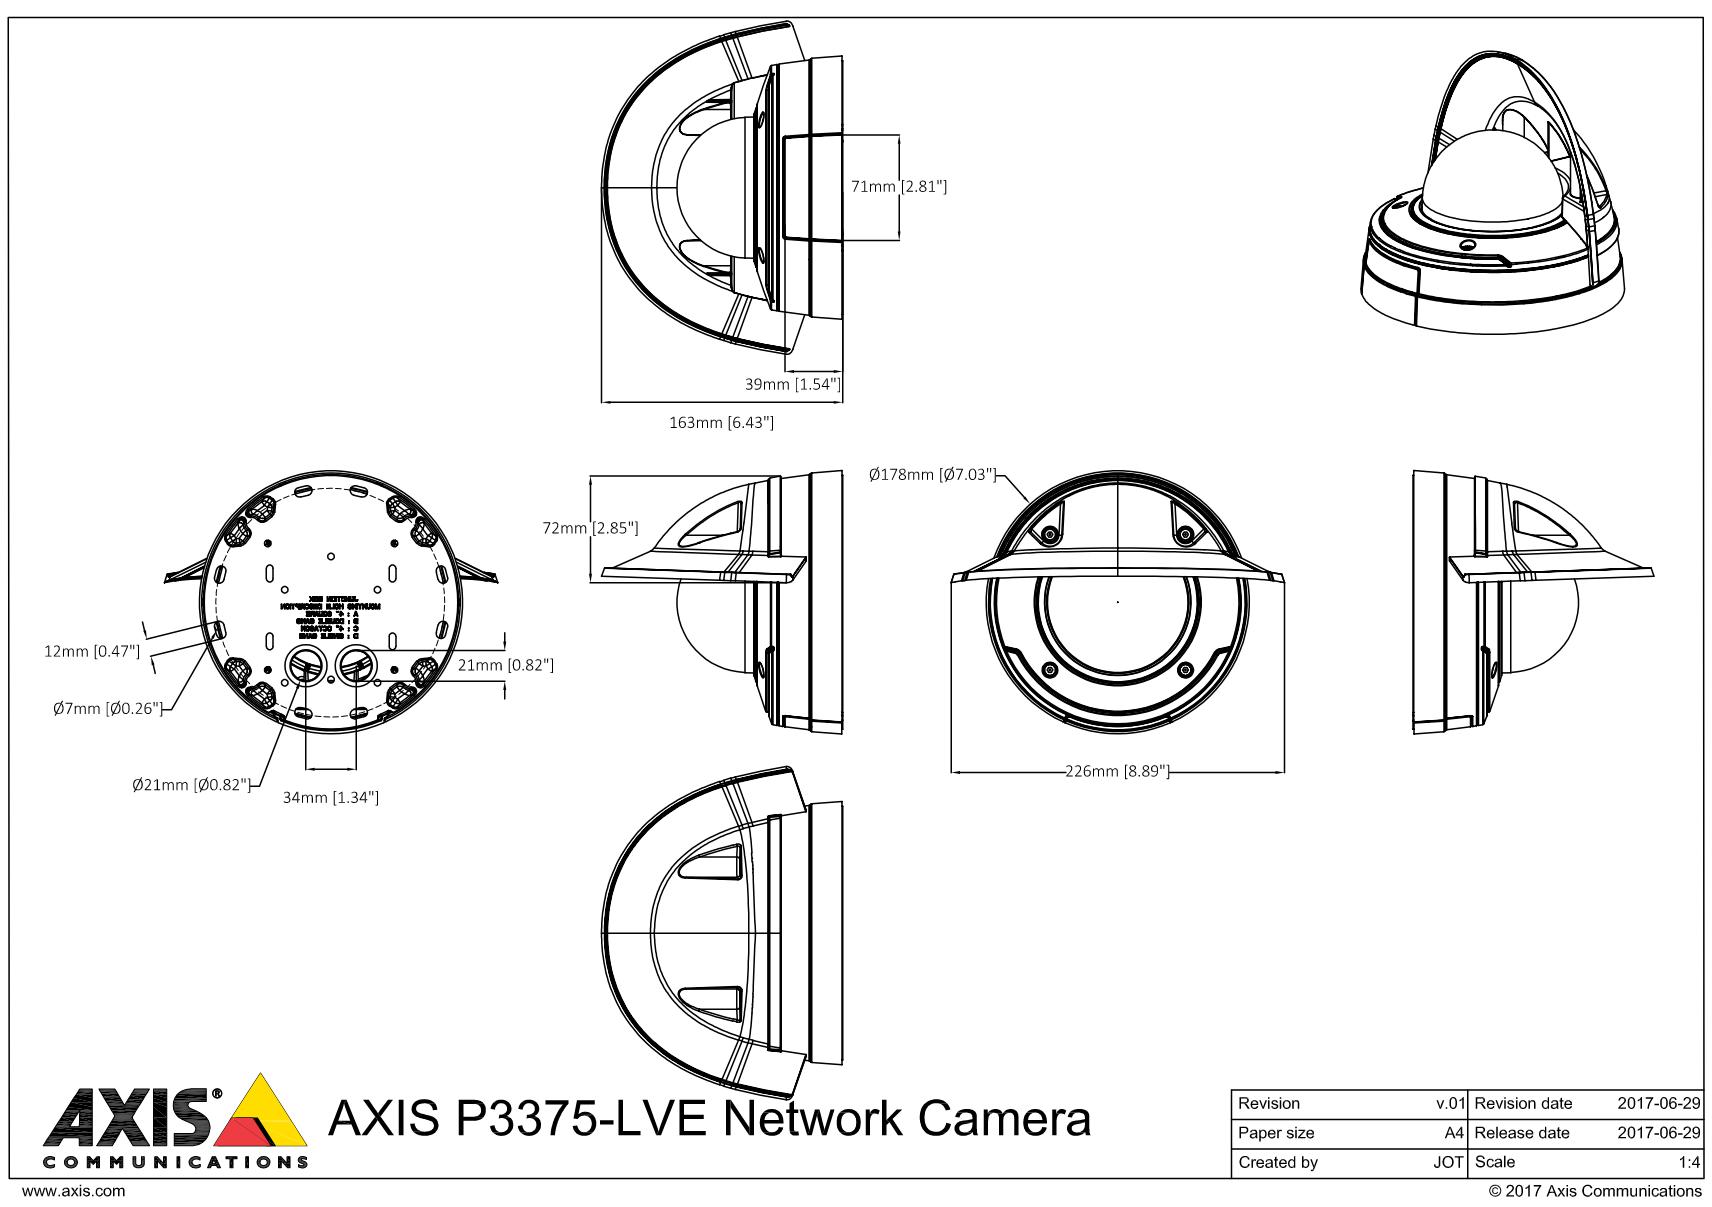 P3375-LVE